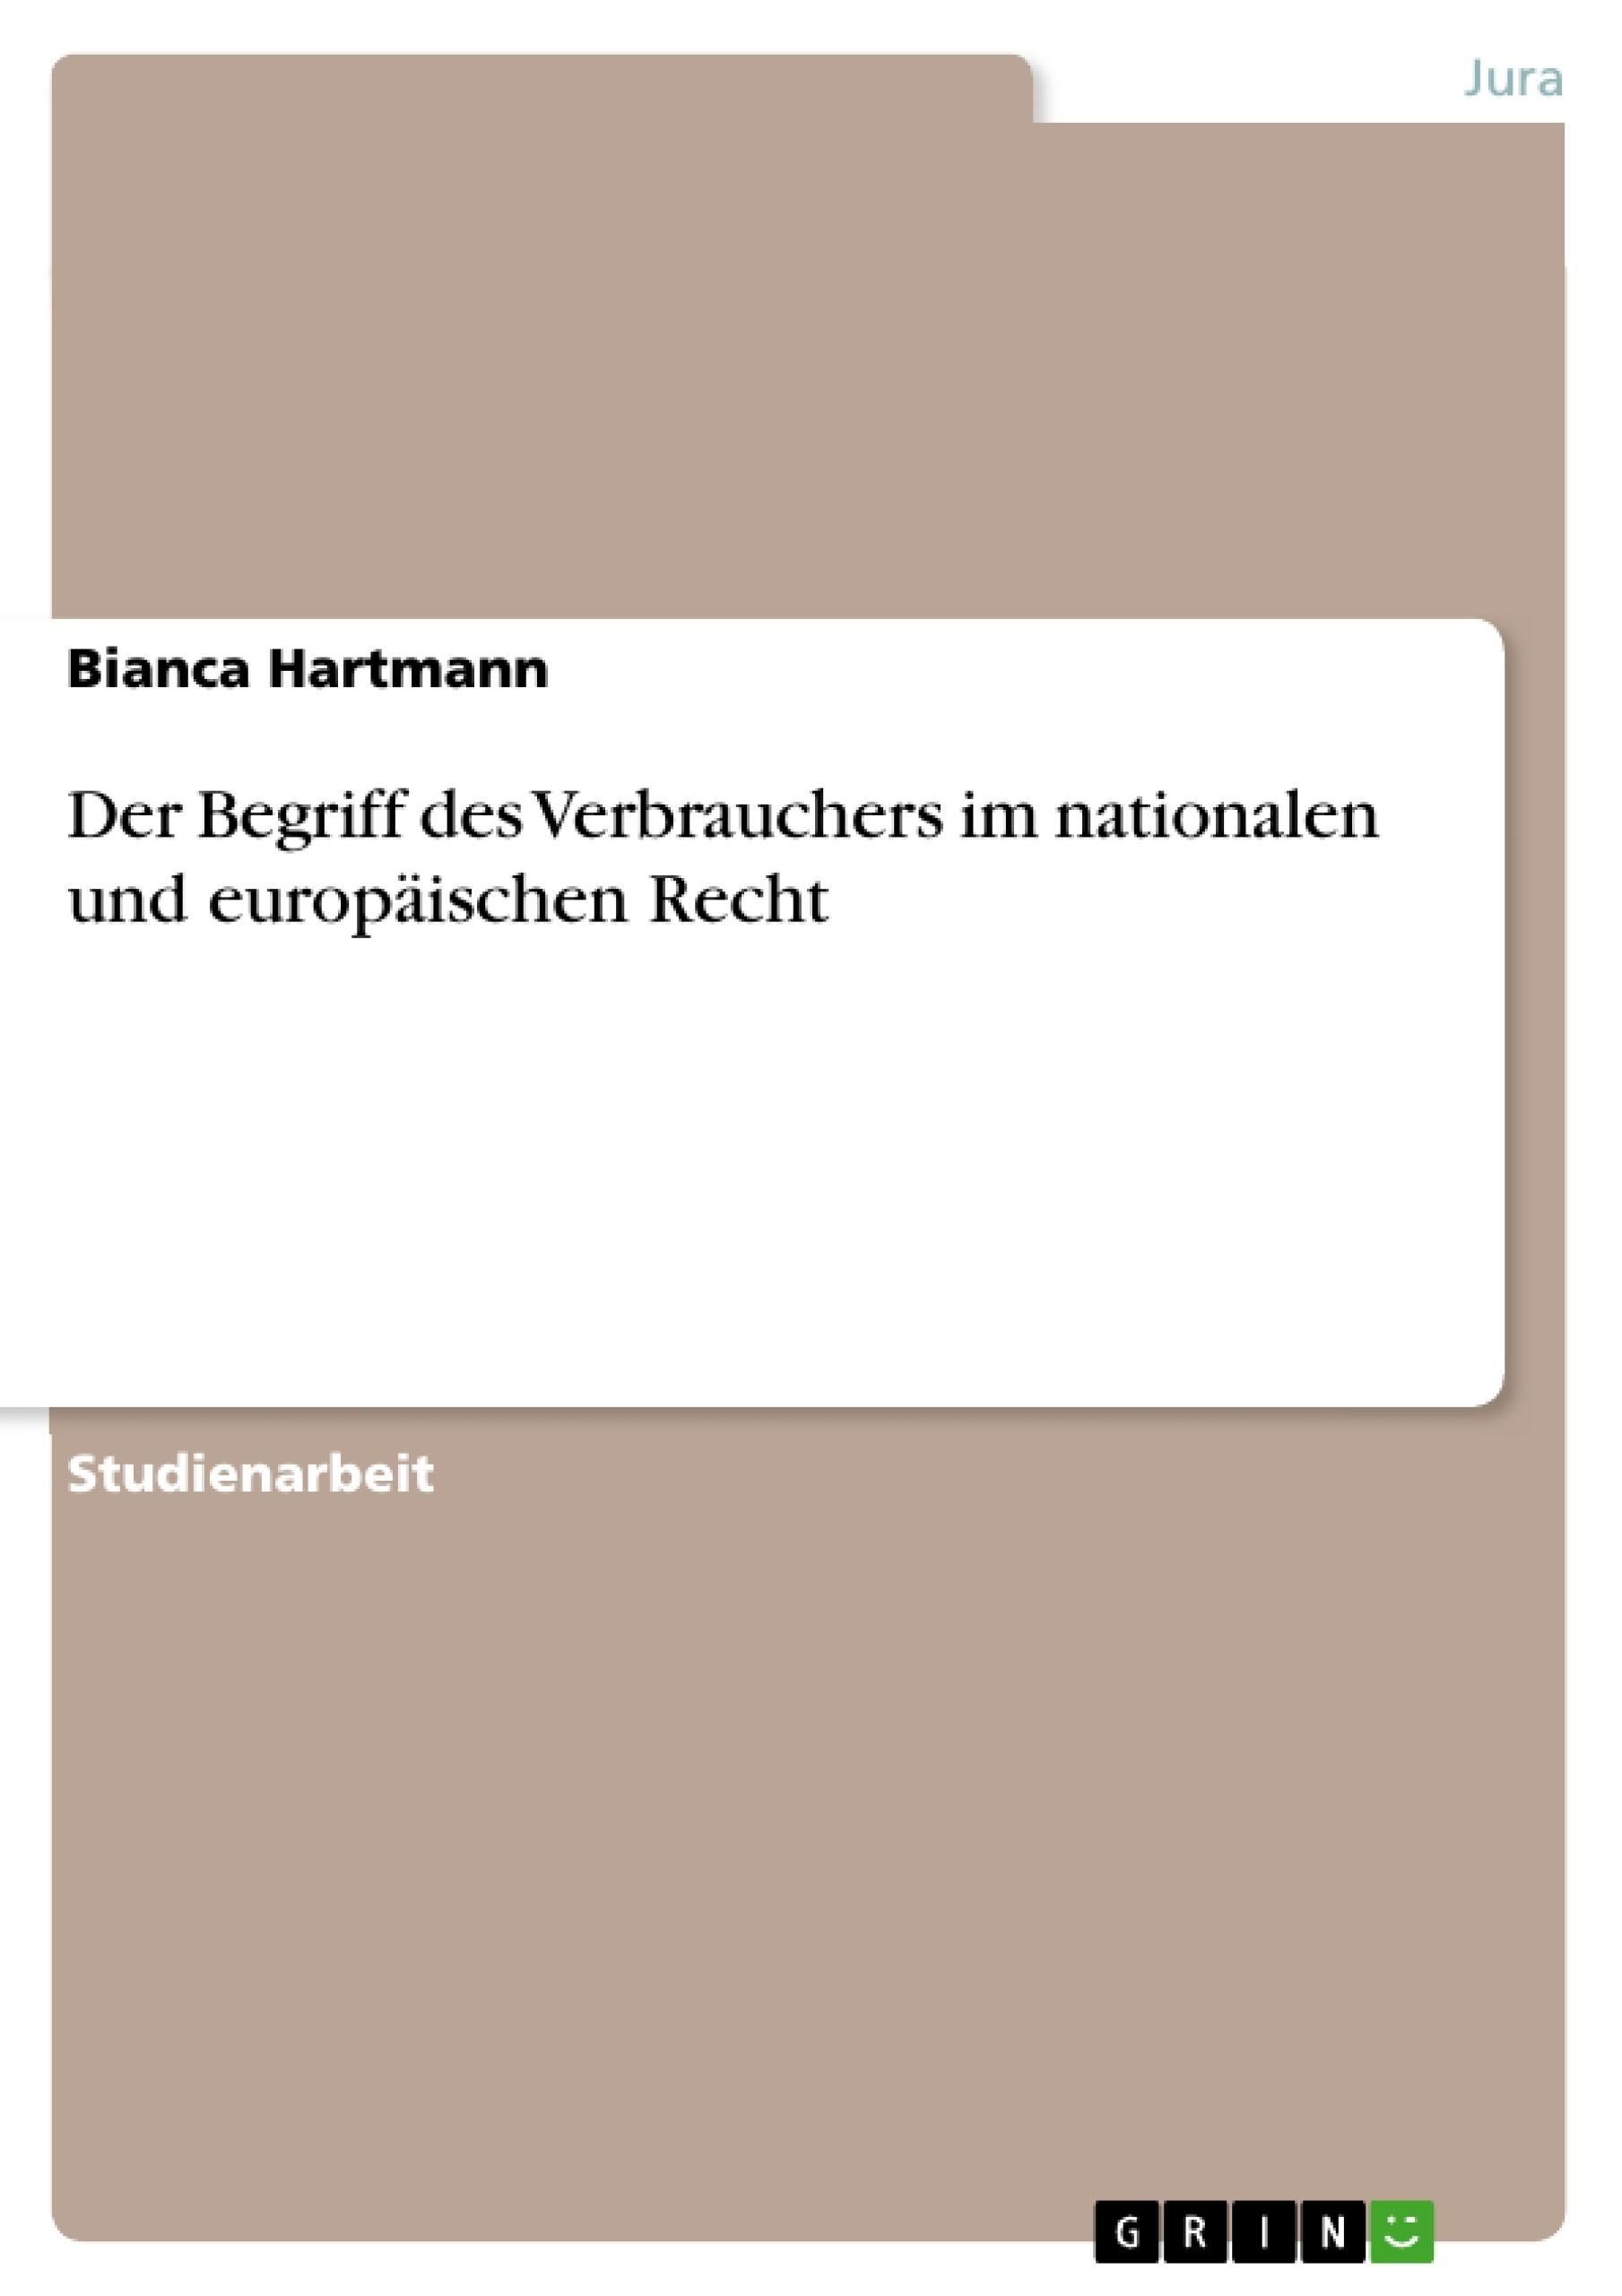 Titel: Der Begriff des Verbrauchers im nationalen und europäischen Recht